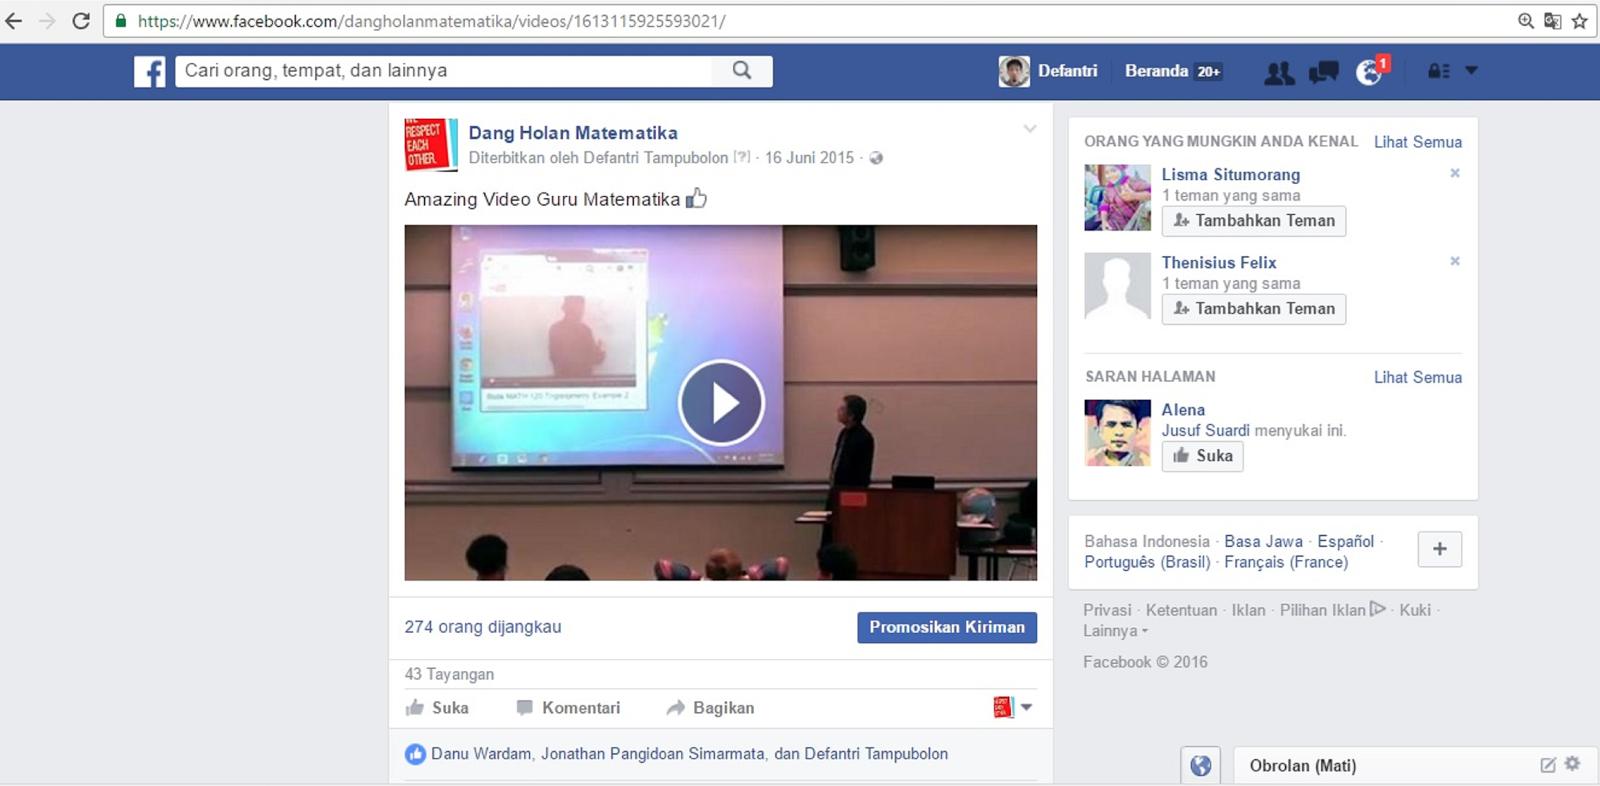 Cara Mudah Download Video Dari Facebook Tanpa Aplikasi